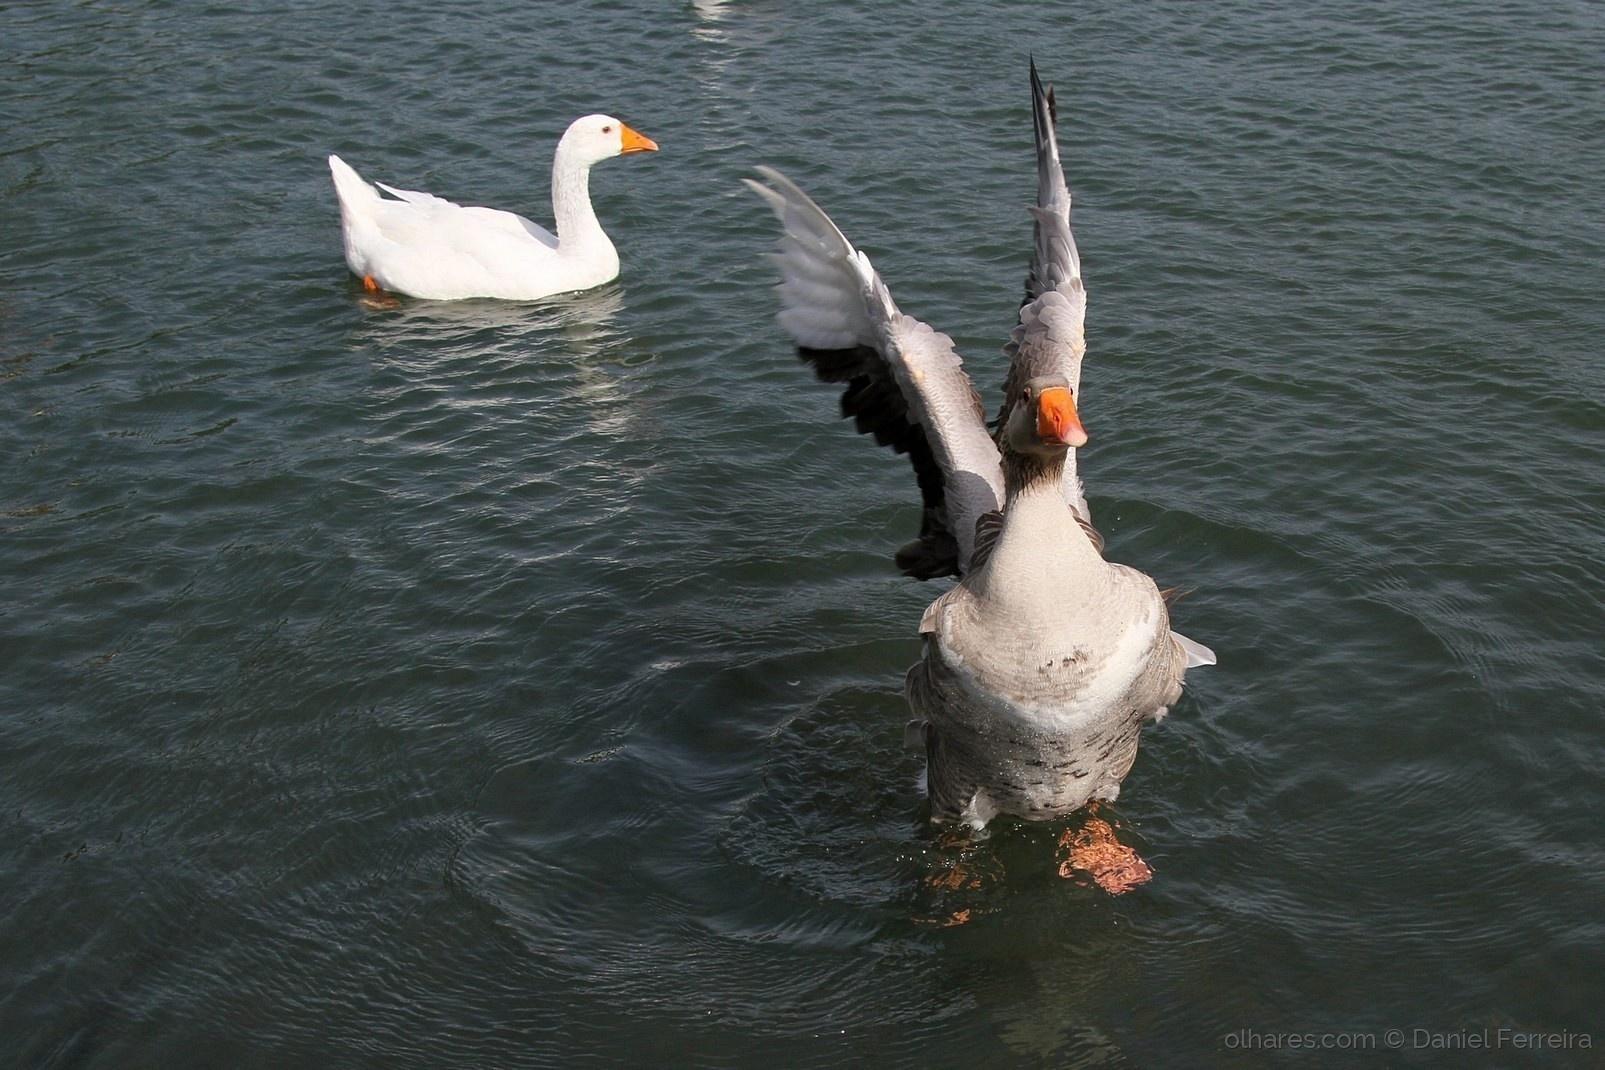 Animais/O ganso batendo a asa, no lago